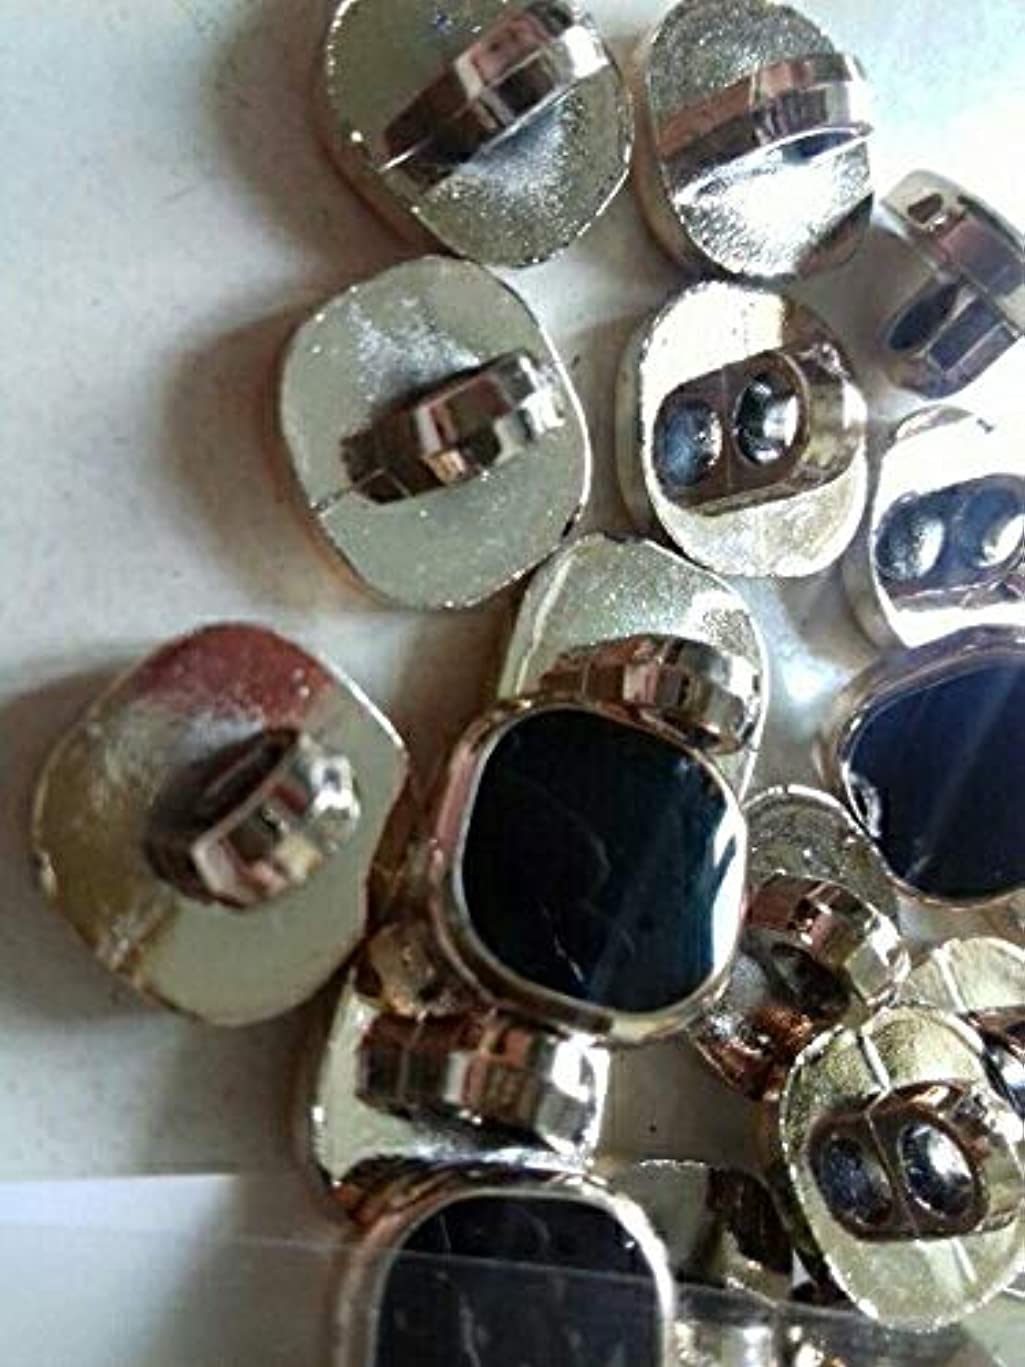 鉱石宇宙のケイ素Propenary - 衣料品クリスマススクラップブック作りノエルアクセサリー縫製コートのボタンScrabookのための100pcs DIY手作りメタルスナップボタン